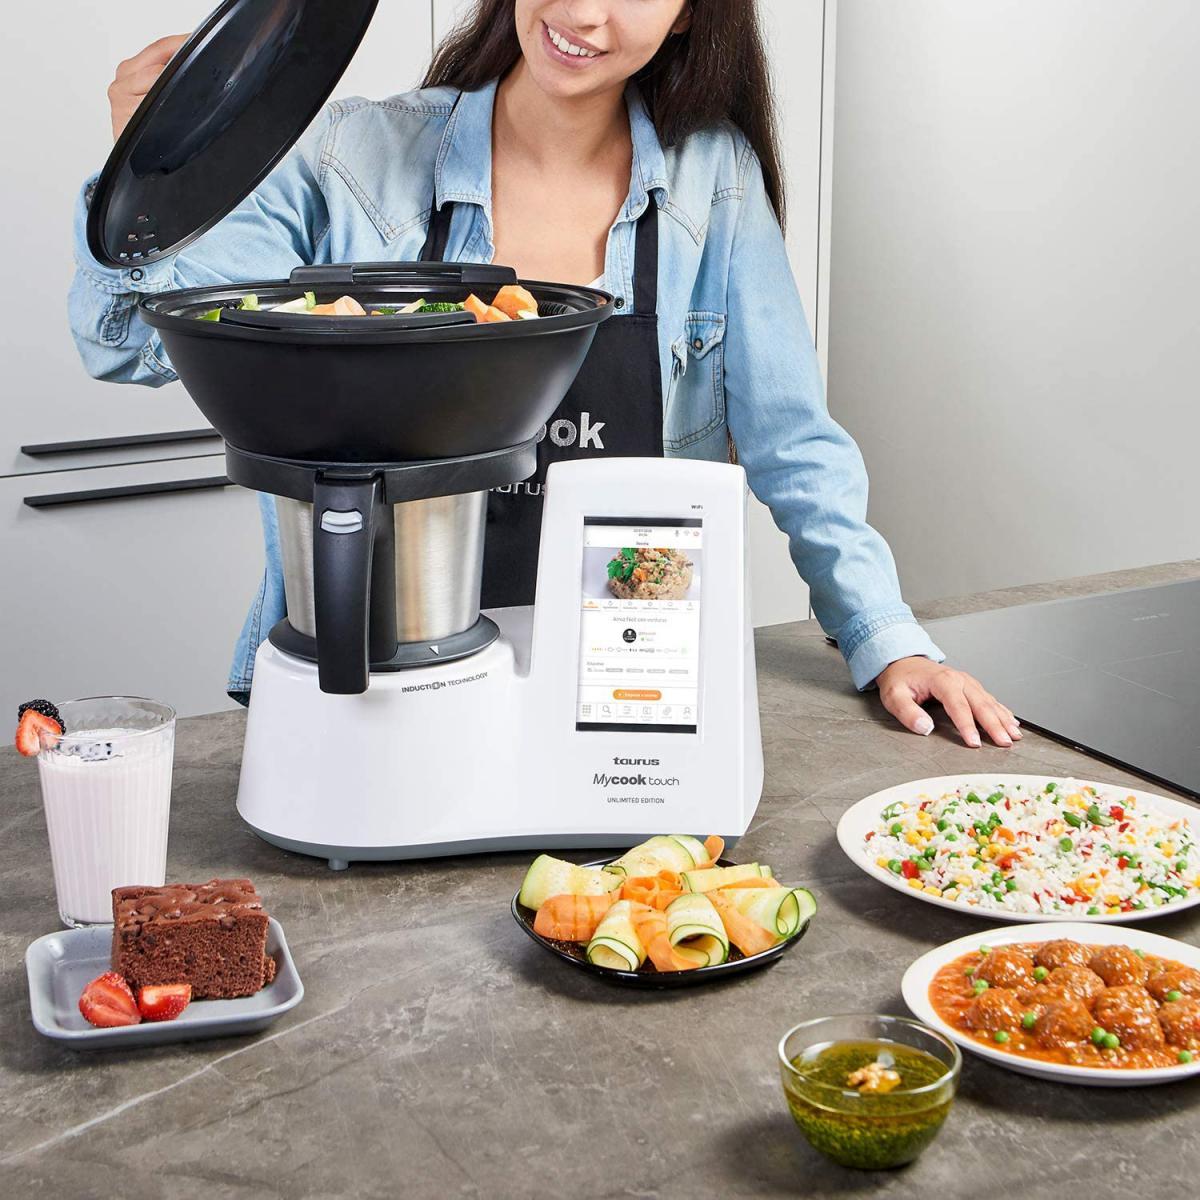 Taurus robot de cuisine multifonction de 2L jusqu'à 140 degrés et plus de 10000 recettes 1600W gris noir blanc